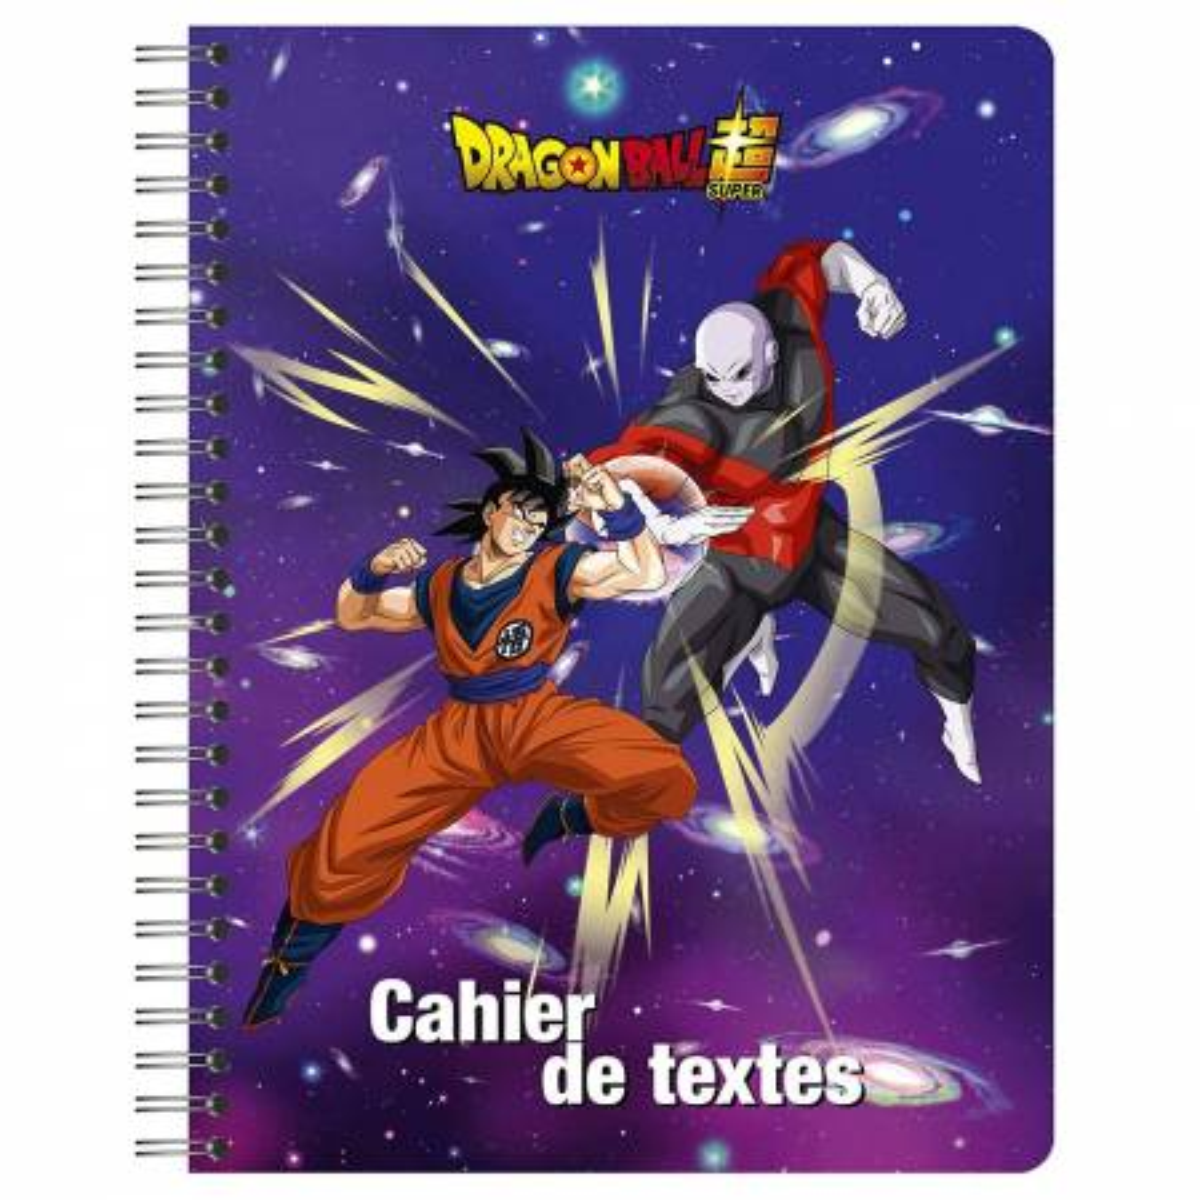 Cahier de Textes Dragon Ball Super 152 Pages - 17 x 22 cm